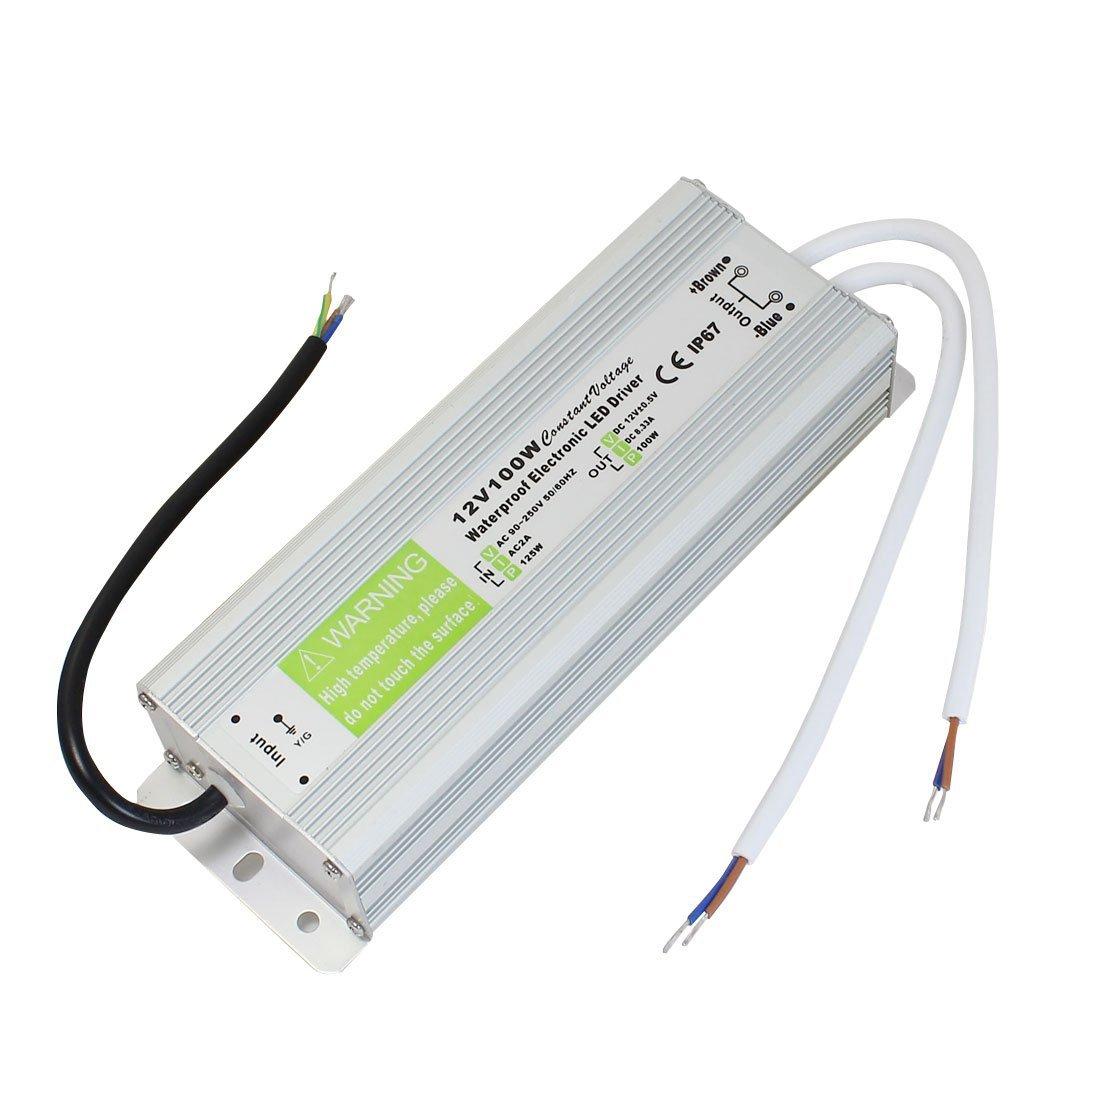 AC90 ~ 250V DC12V a 100 vatios transformador IP67 conductor del LED a prueba de agua de alimentación